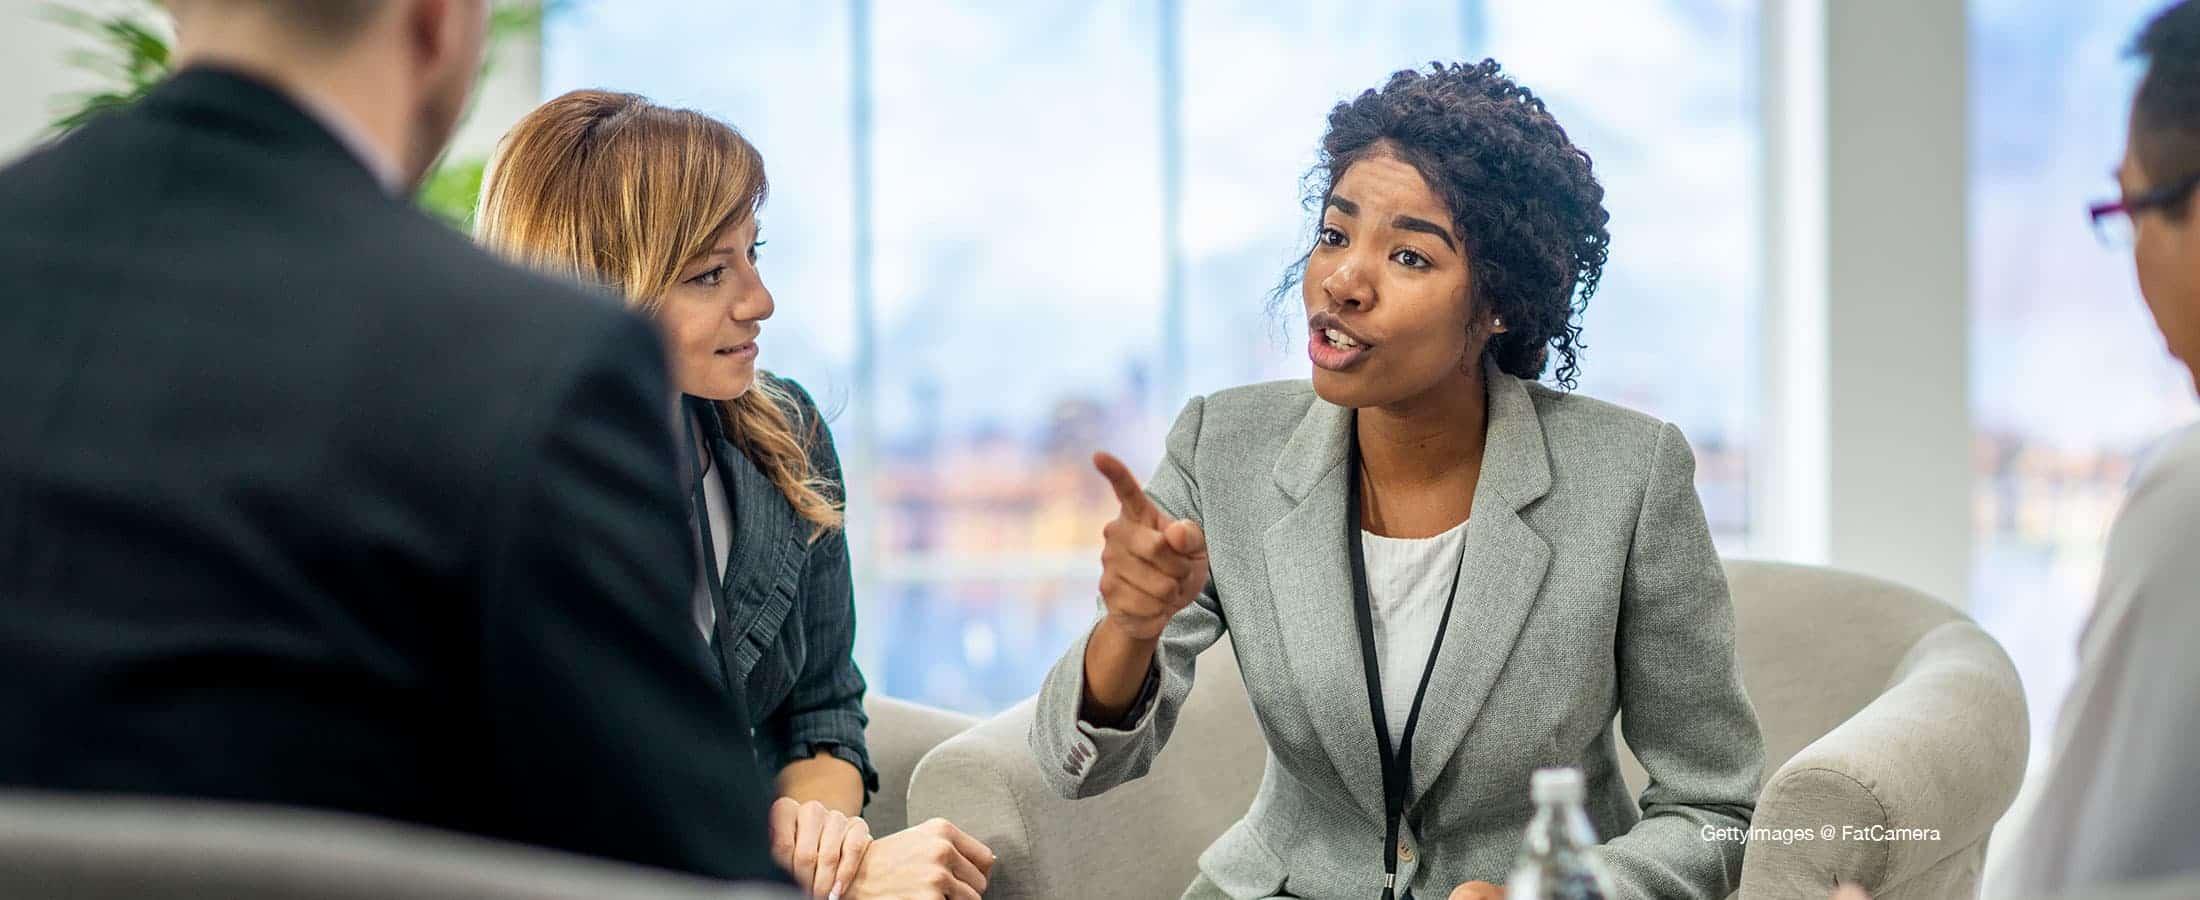 Manageur : comment gérer un conflit entre collaborateurs?